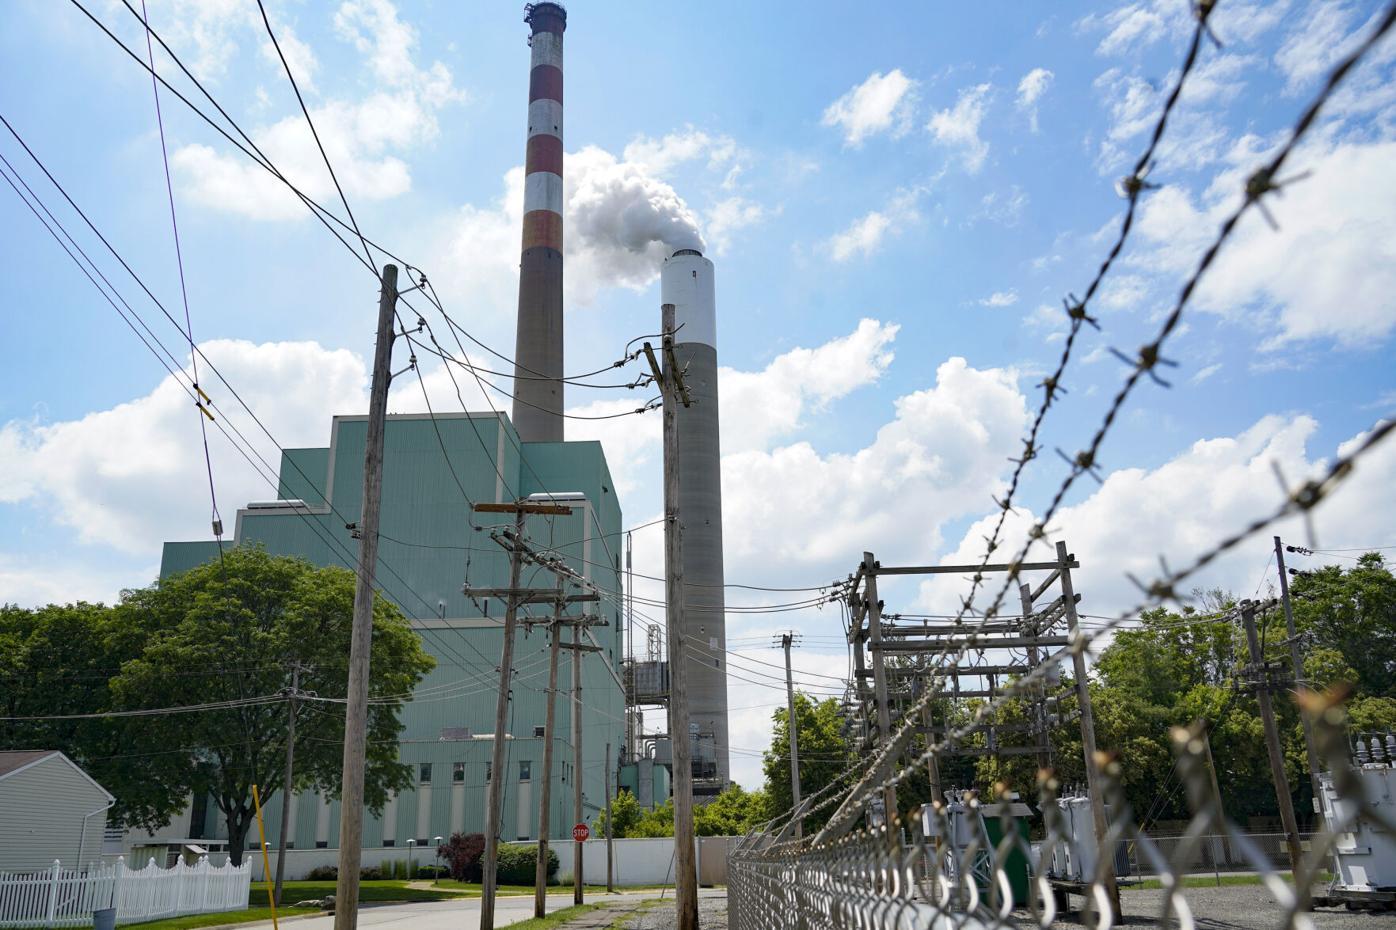 Pennsylvania's carbon-pricing plan at last regulatory hurdle